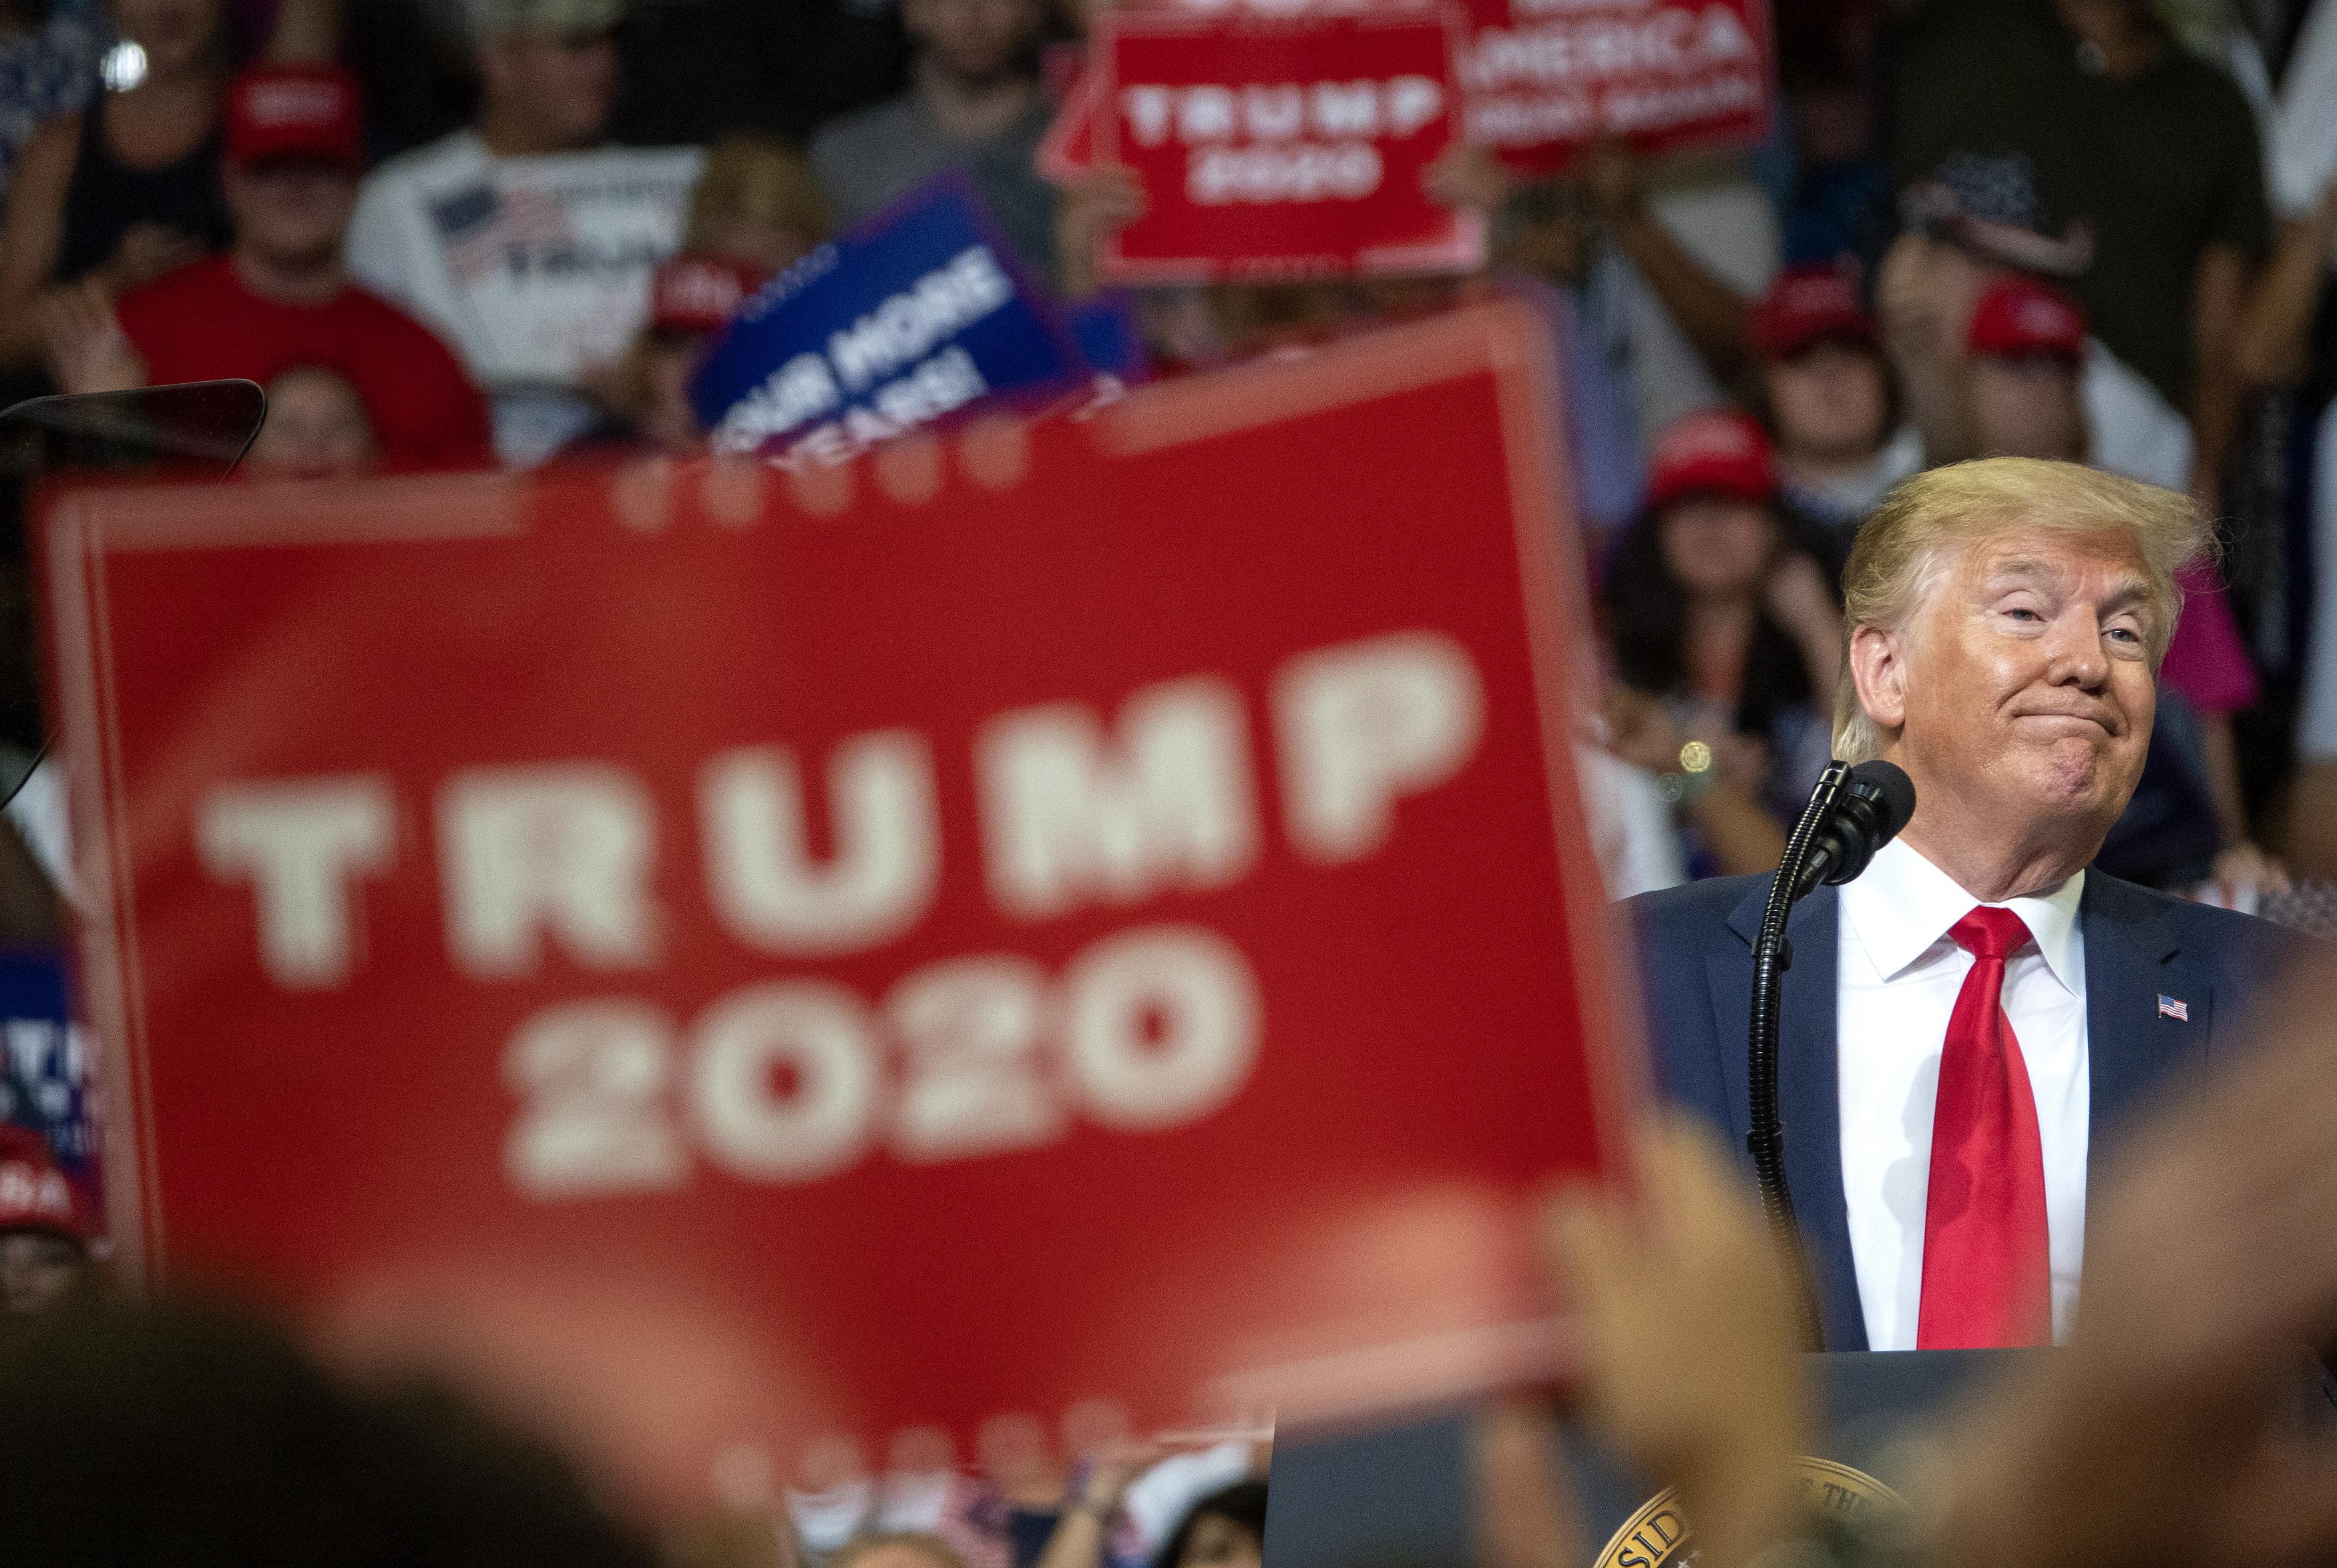 Президентът на САЩ официално откри кампанията си за втори мандат на президентските избори през 2020 г. Снимките са от Орландо, Флорида (18 юни, 2019 г.)